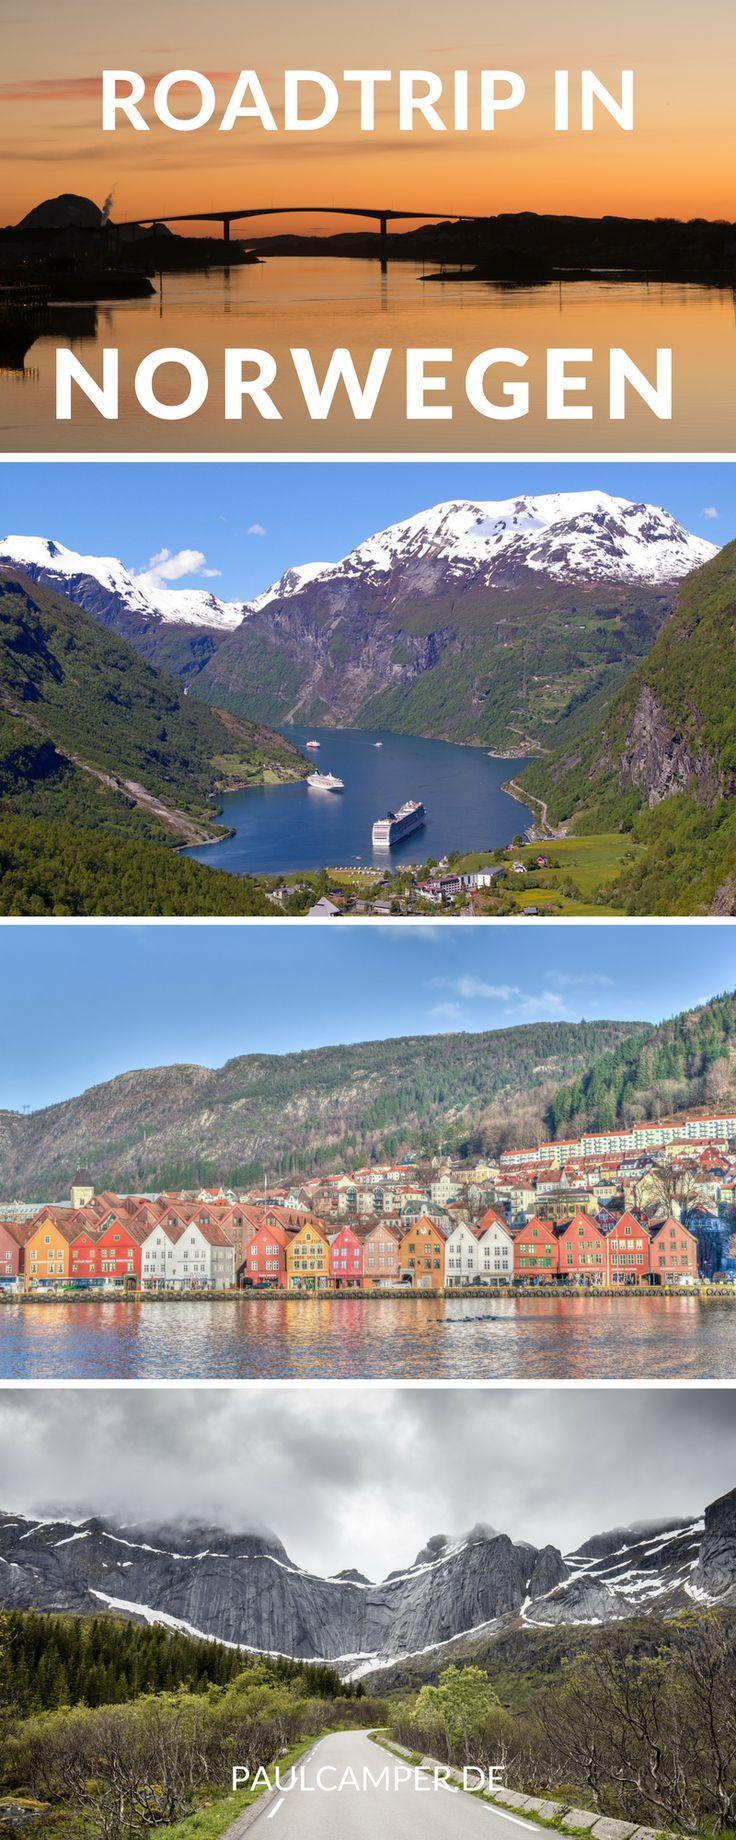 Roadtrip in Norwegen: Die perfekte Route für einen unvergesslichen Roadtrip durch Norwegen. Mit vielen Infos und Tipps zur Reise.